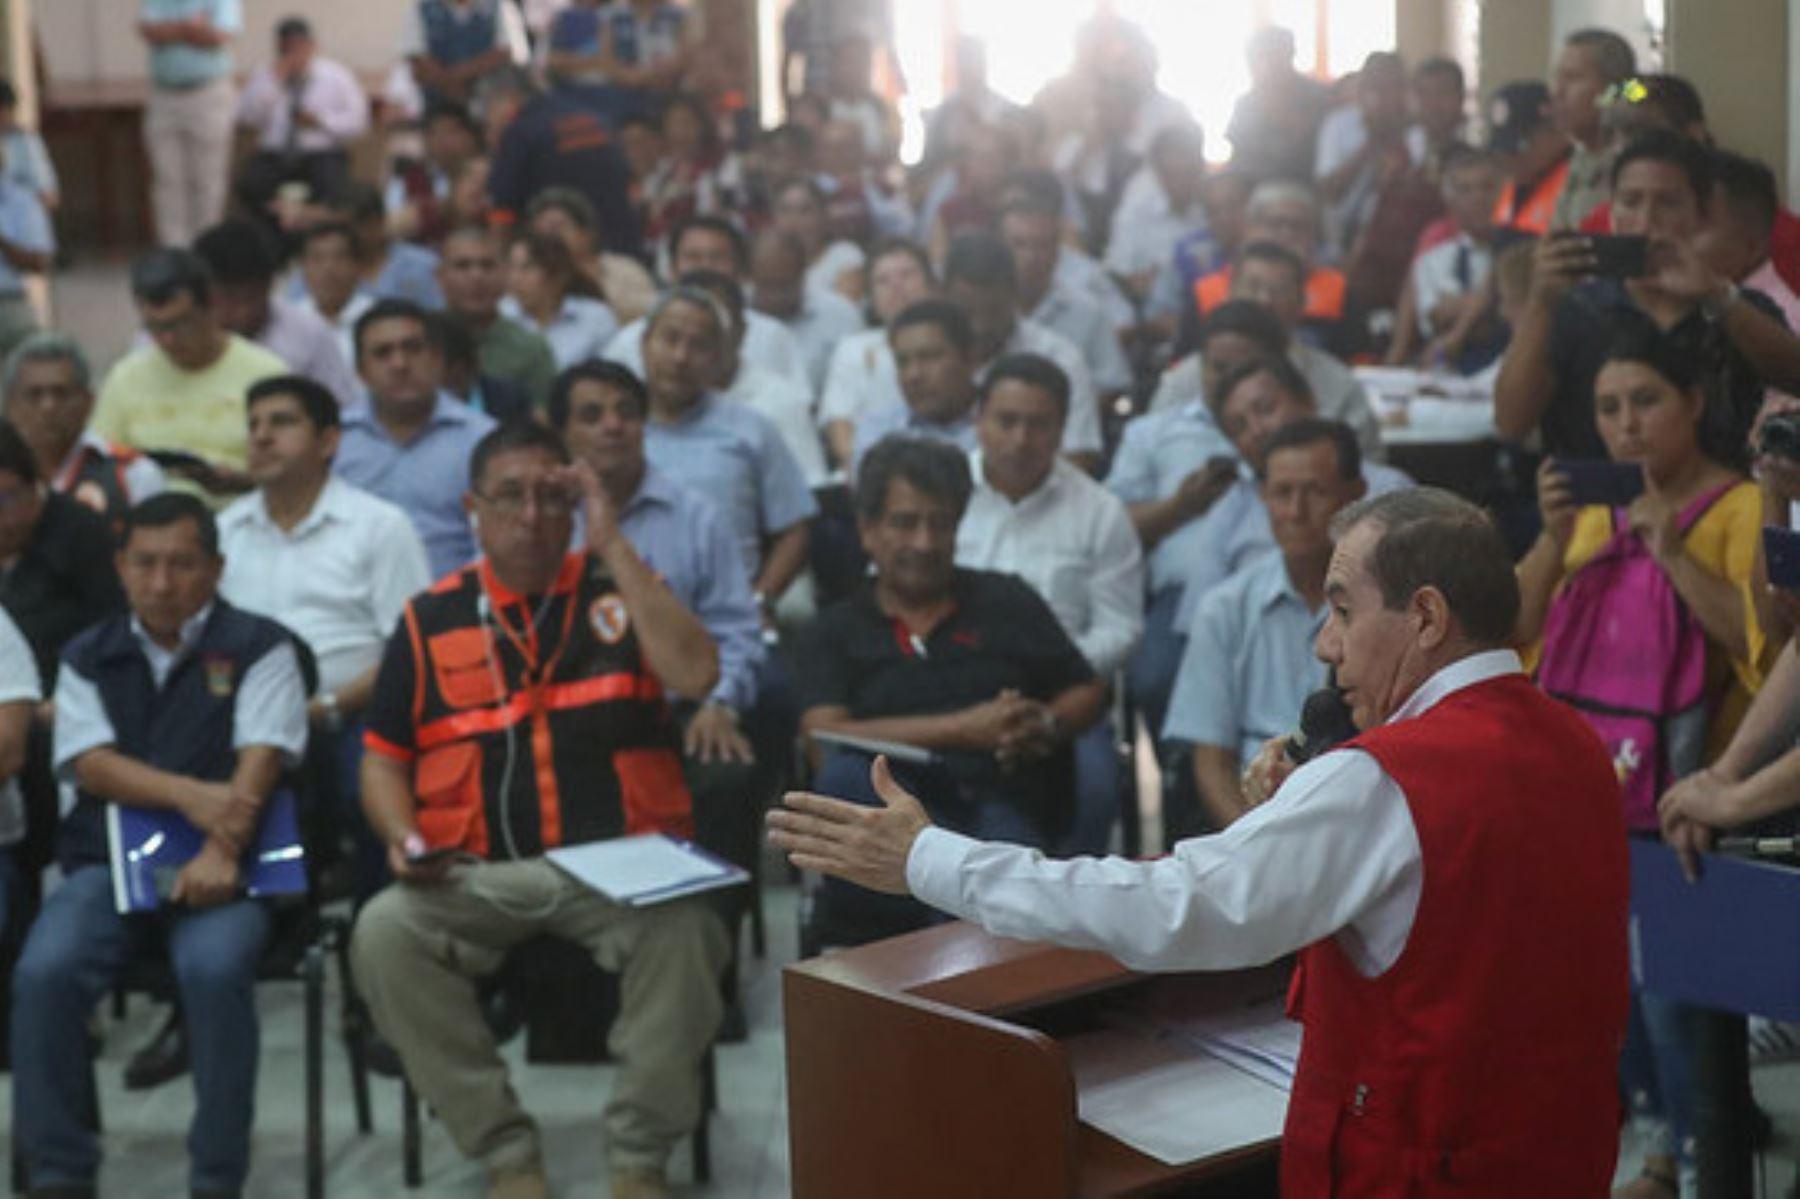 El ministro de Defensa, Walter Martos, invocó a todas las autoridades regionales y locales a identificar los puntos críticos y vulnerables, así como elaborar sus respectivos planes de contingencia.